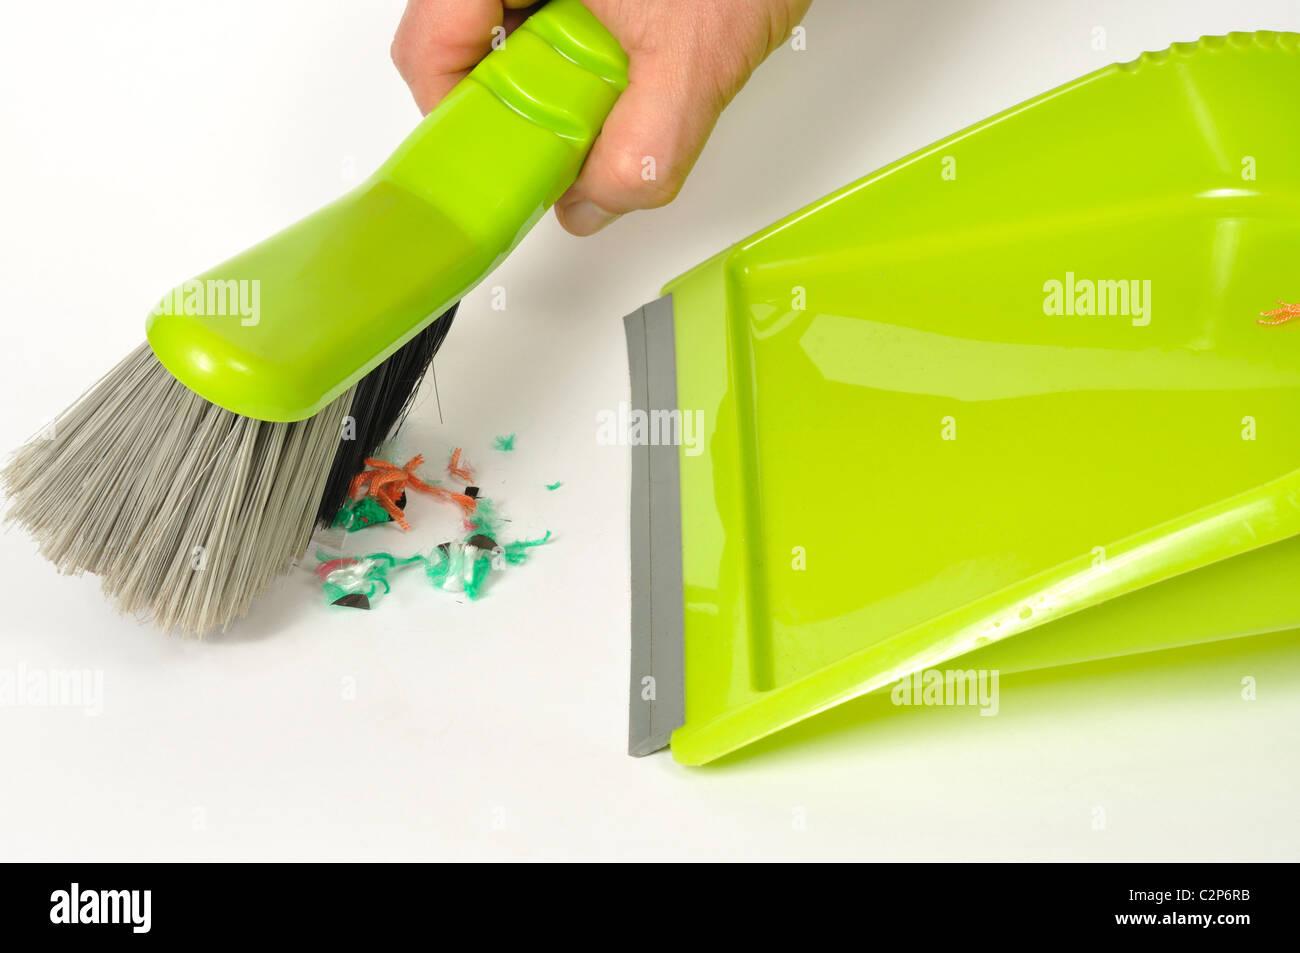 Grünen Pinsel und Kehrschaufel mit einigen Müll auf weißem Hintergrund Stockbild